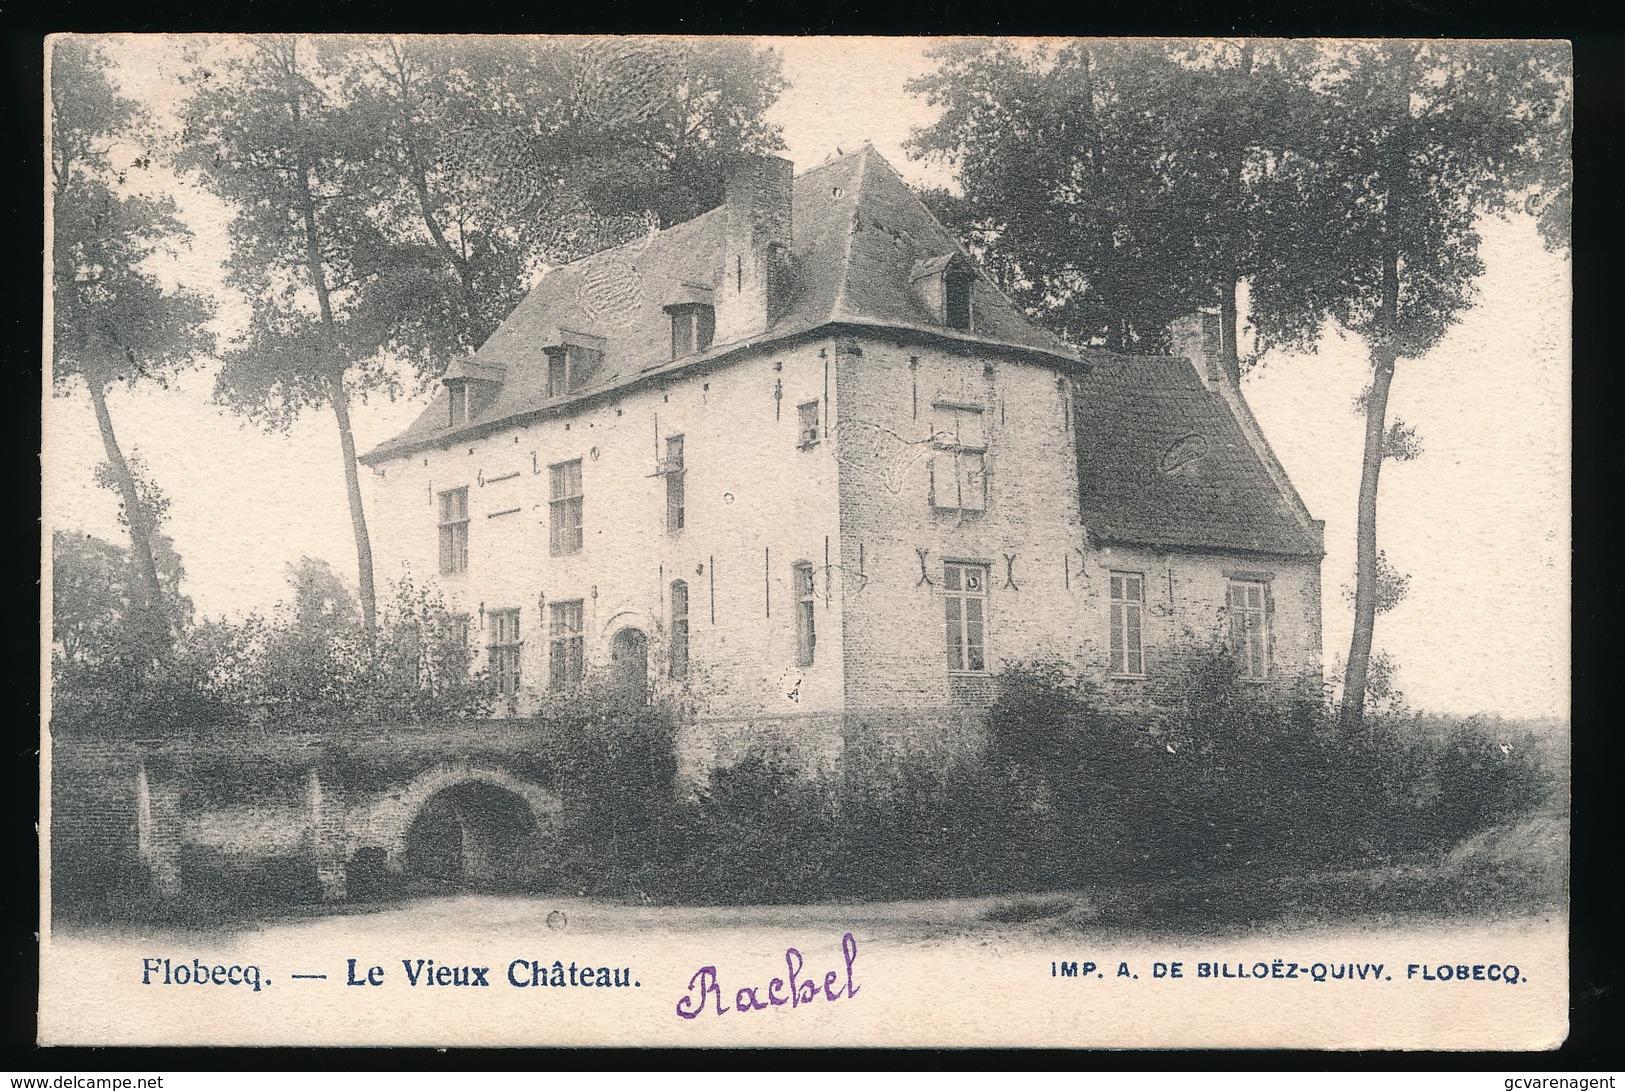 FLOBECQ  - LE VIEUX CHATEAU - Flobecq - Vloesberg